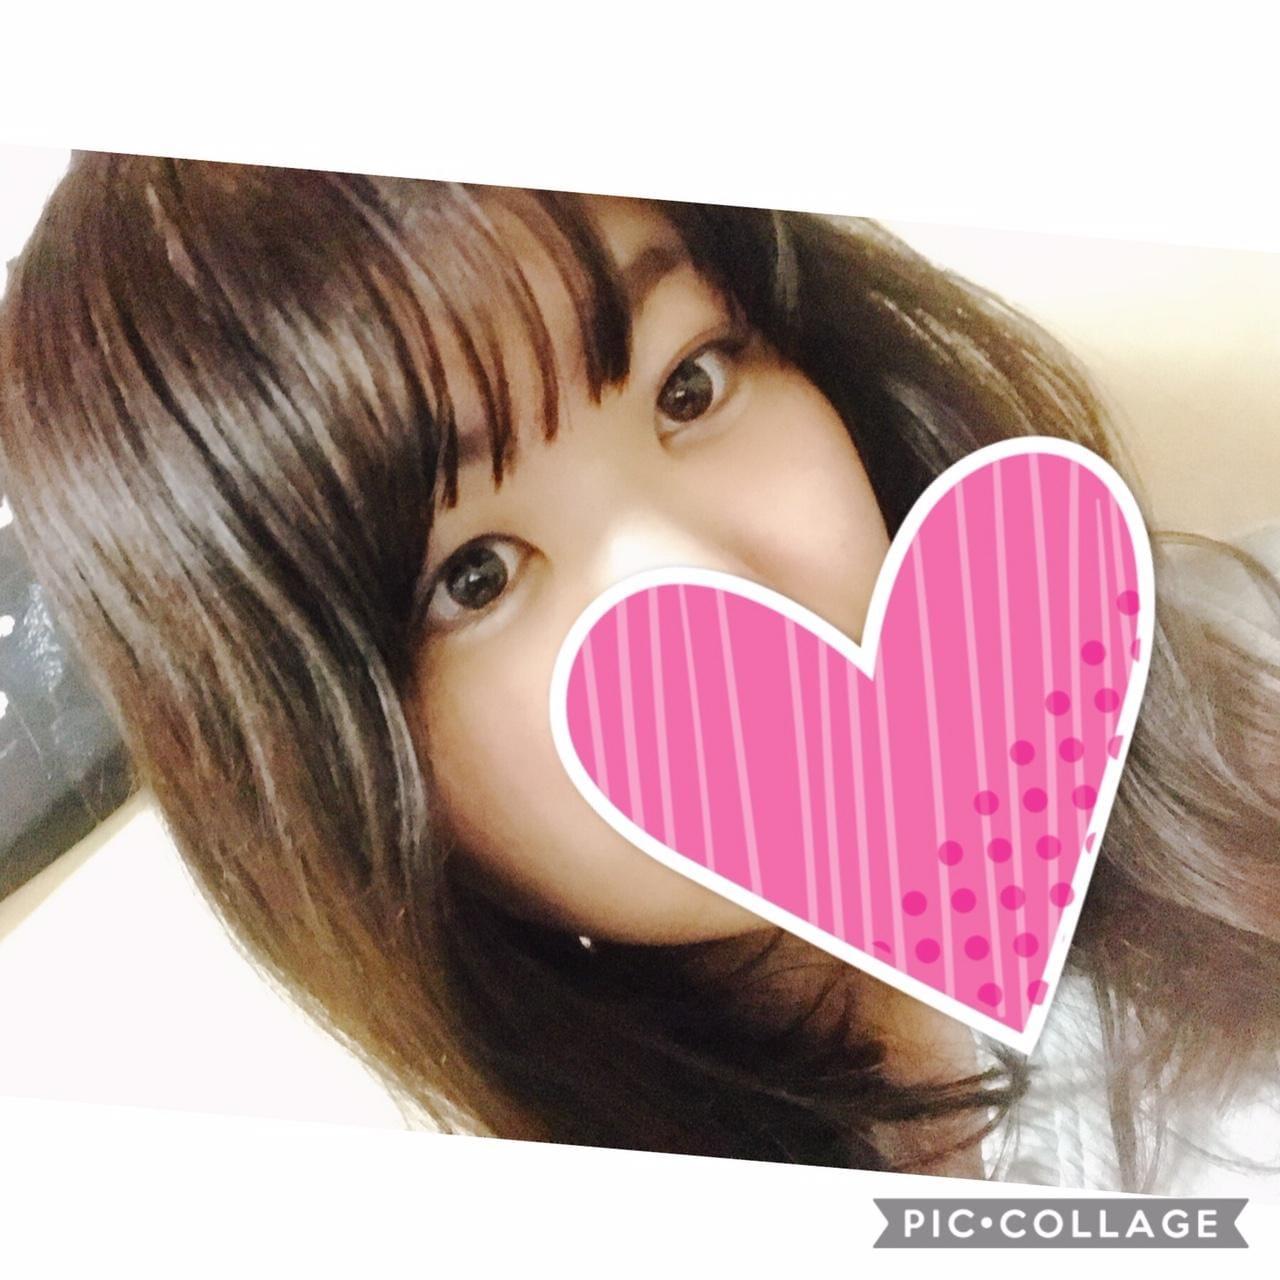 「イメチェン☆」07/15(月) 20:00 | しょうこの写メ・風俗動画